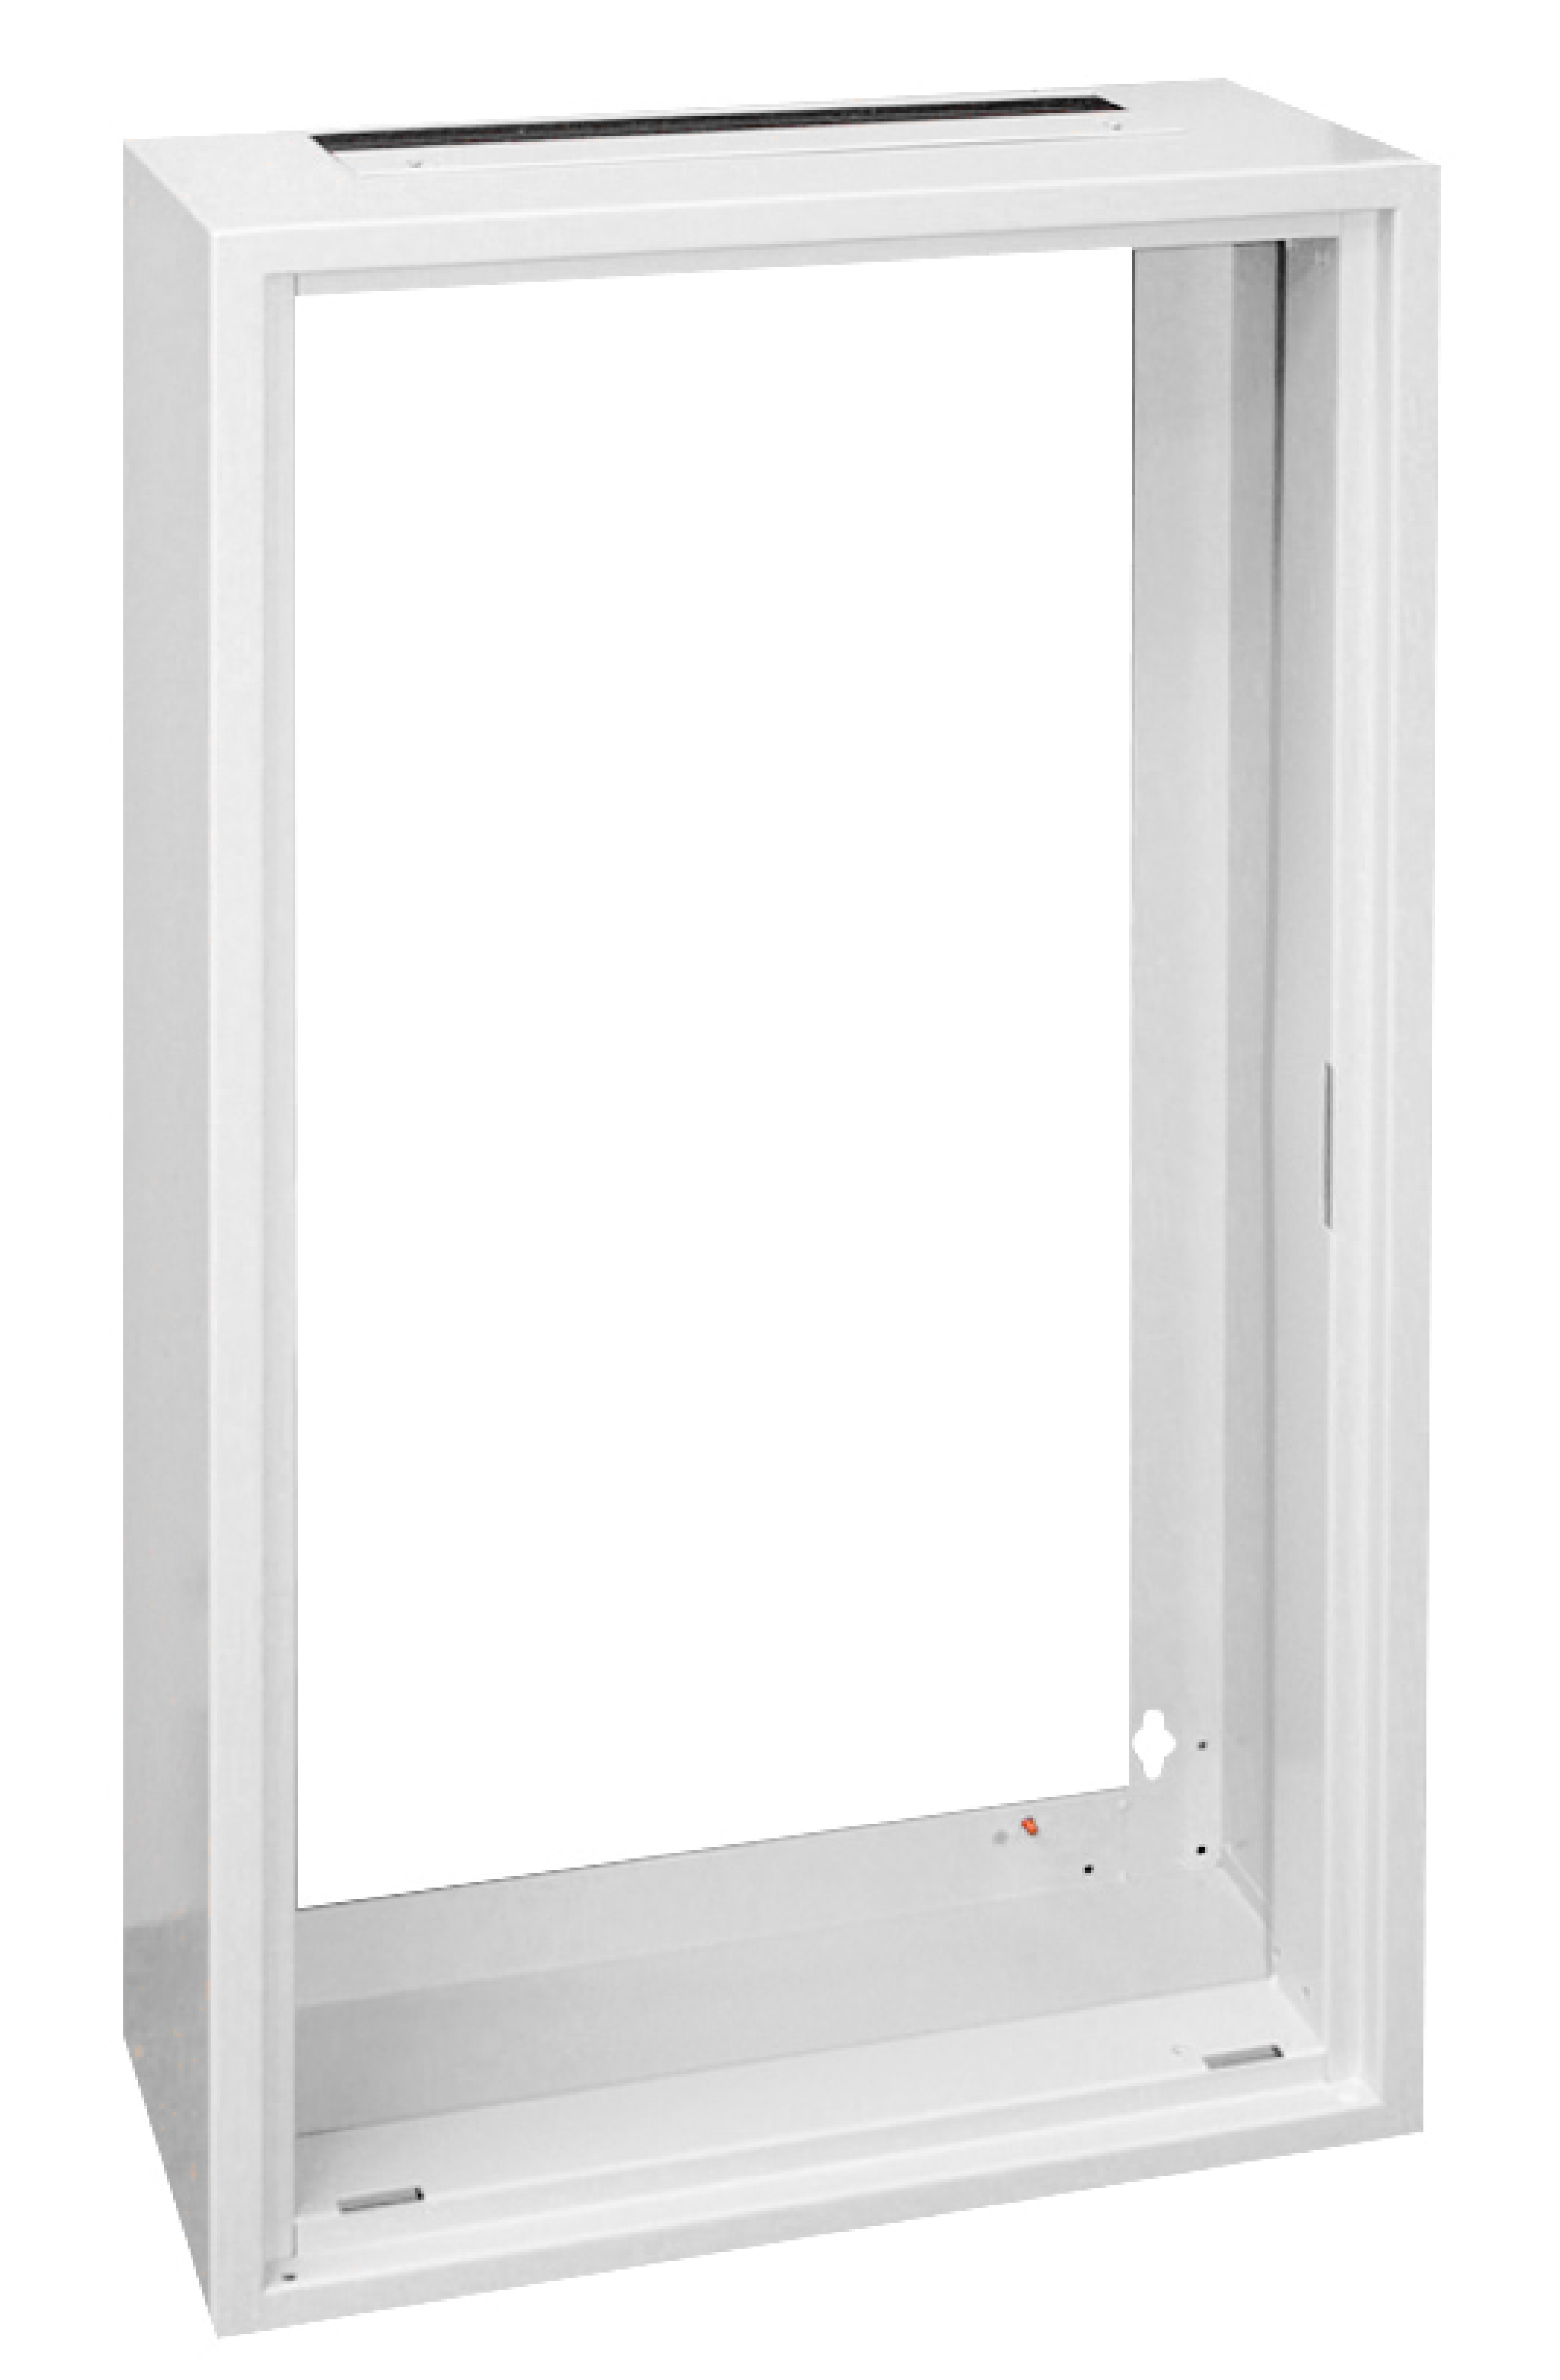 1 Stk AP-Rahmen ohne Türe und Rückwand 4A-18, H915B1030T250mm IL001418-F